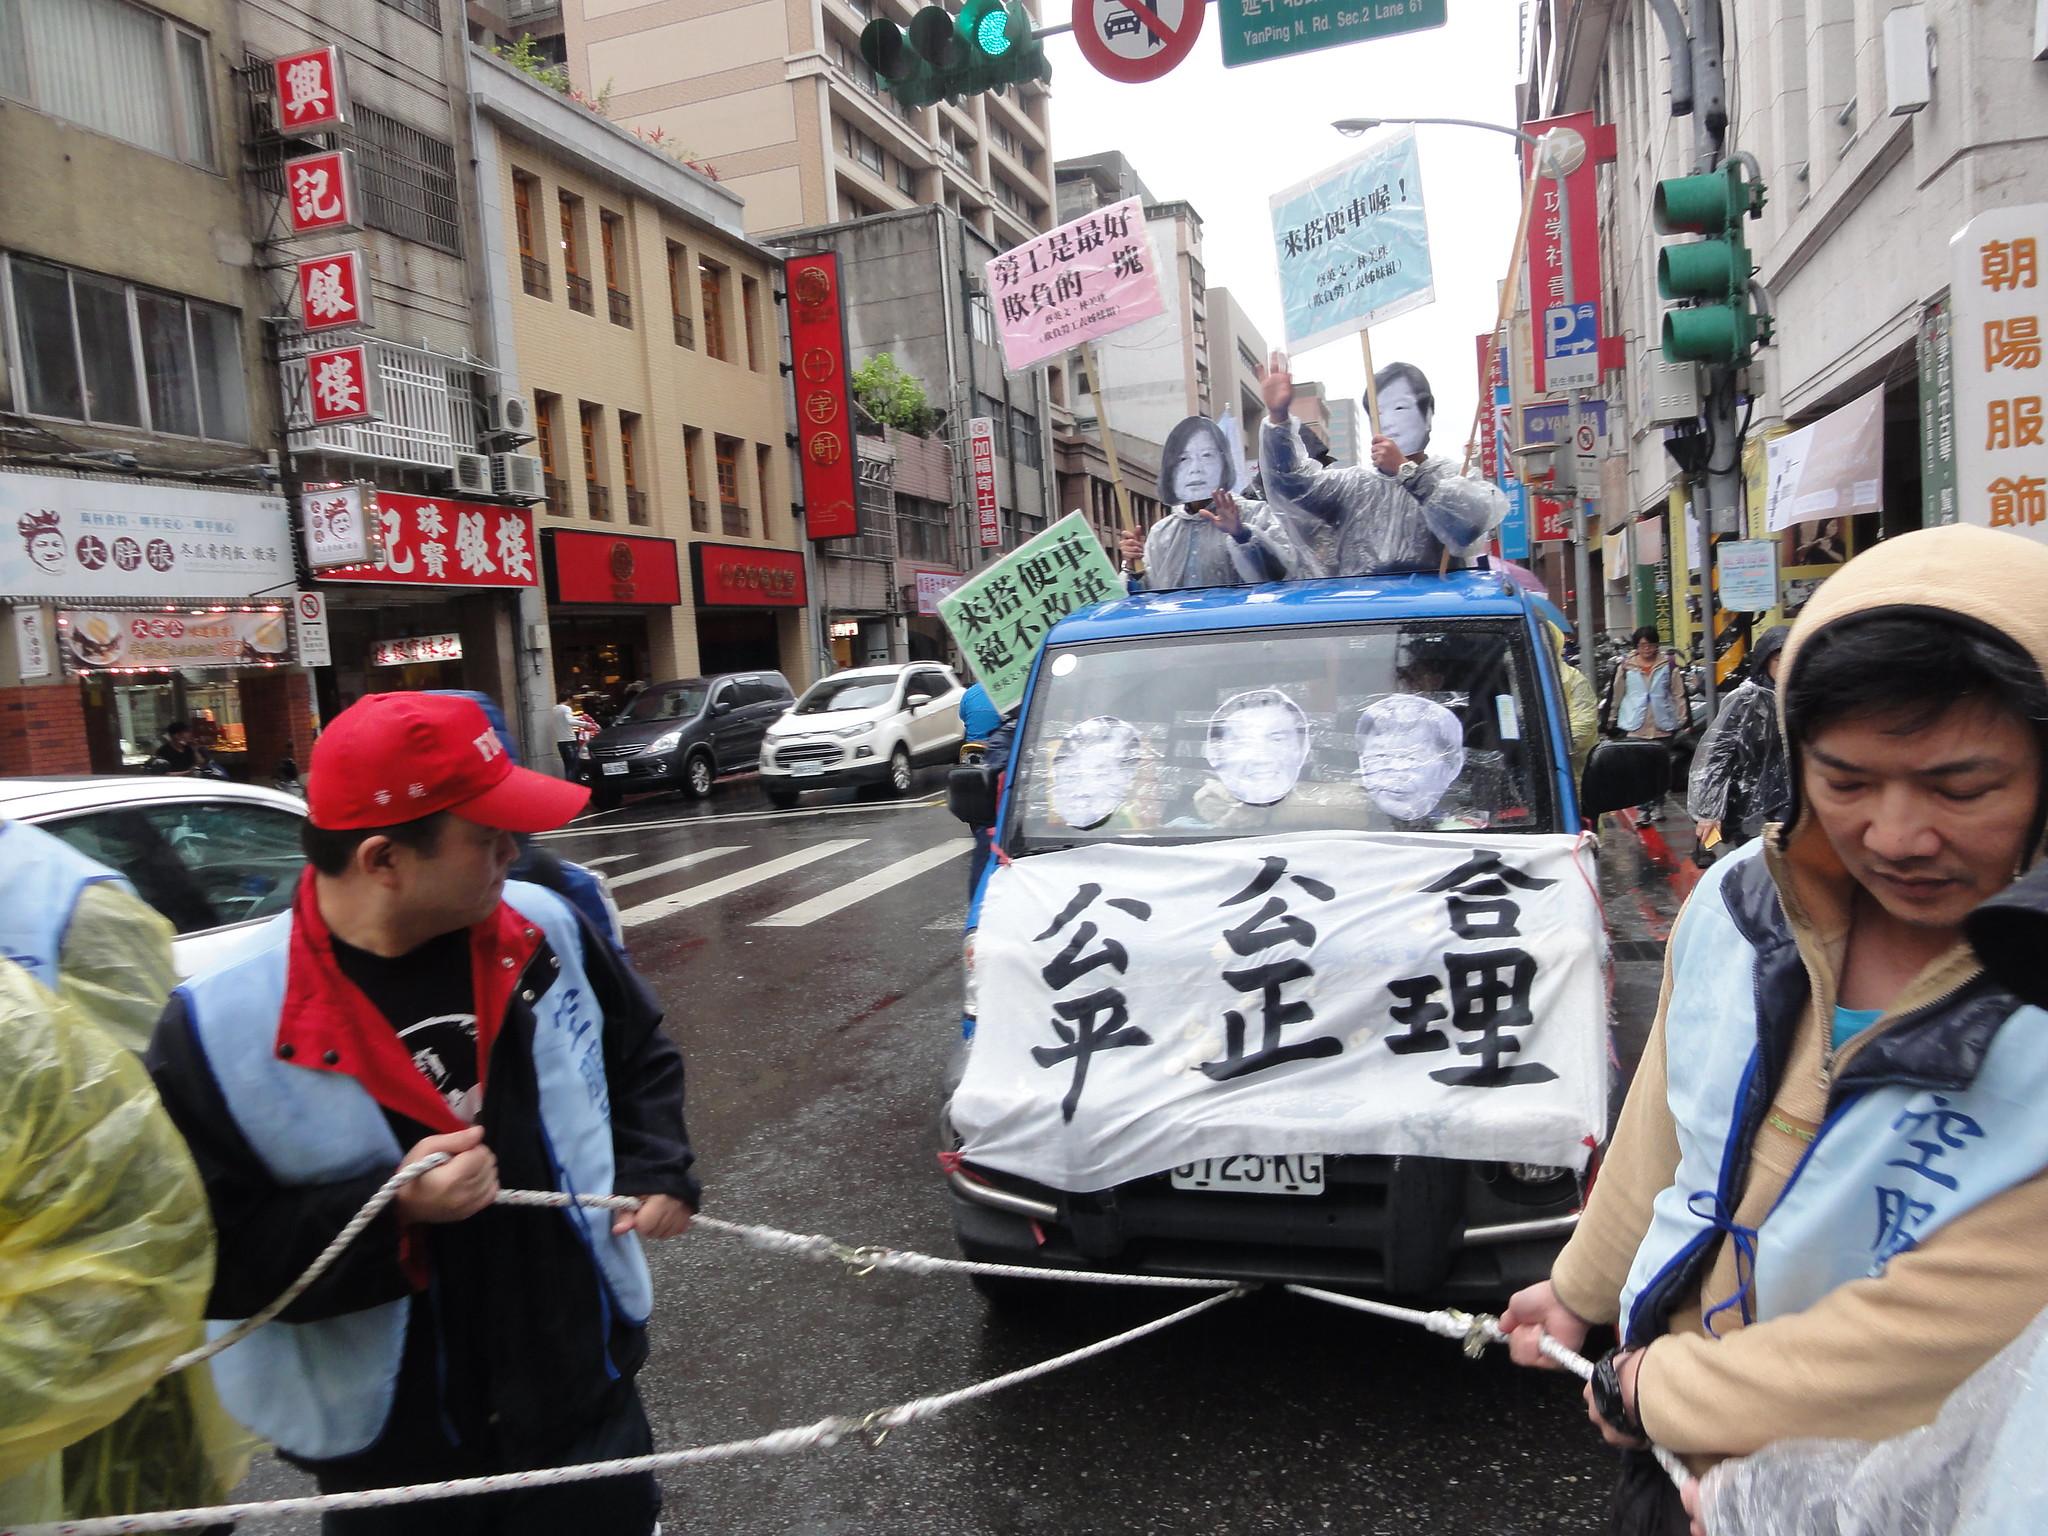 勞工拉著「蔡英文」和「林美珠」前進,車上的兩人在宣揚「搭便車」。(攝影:張智琦)